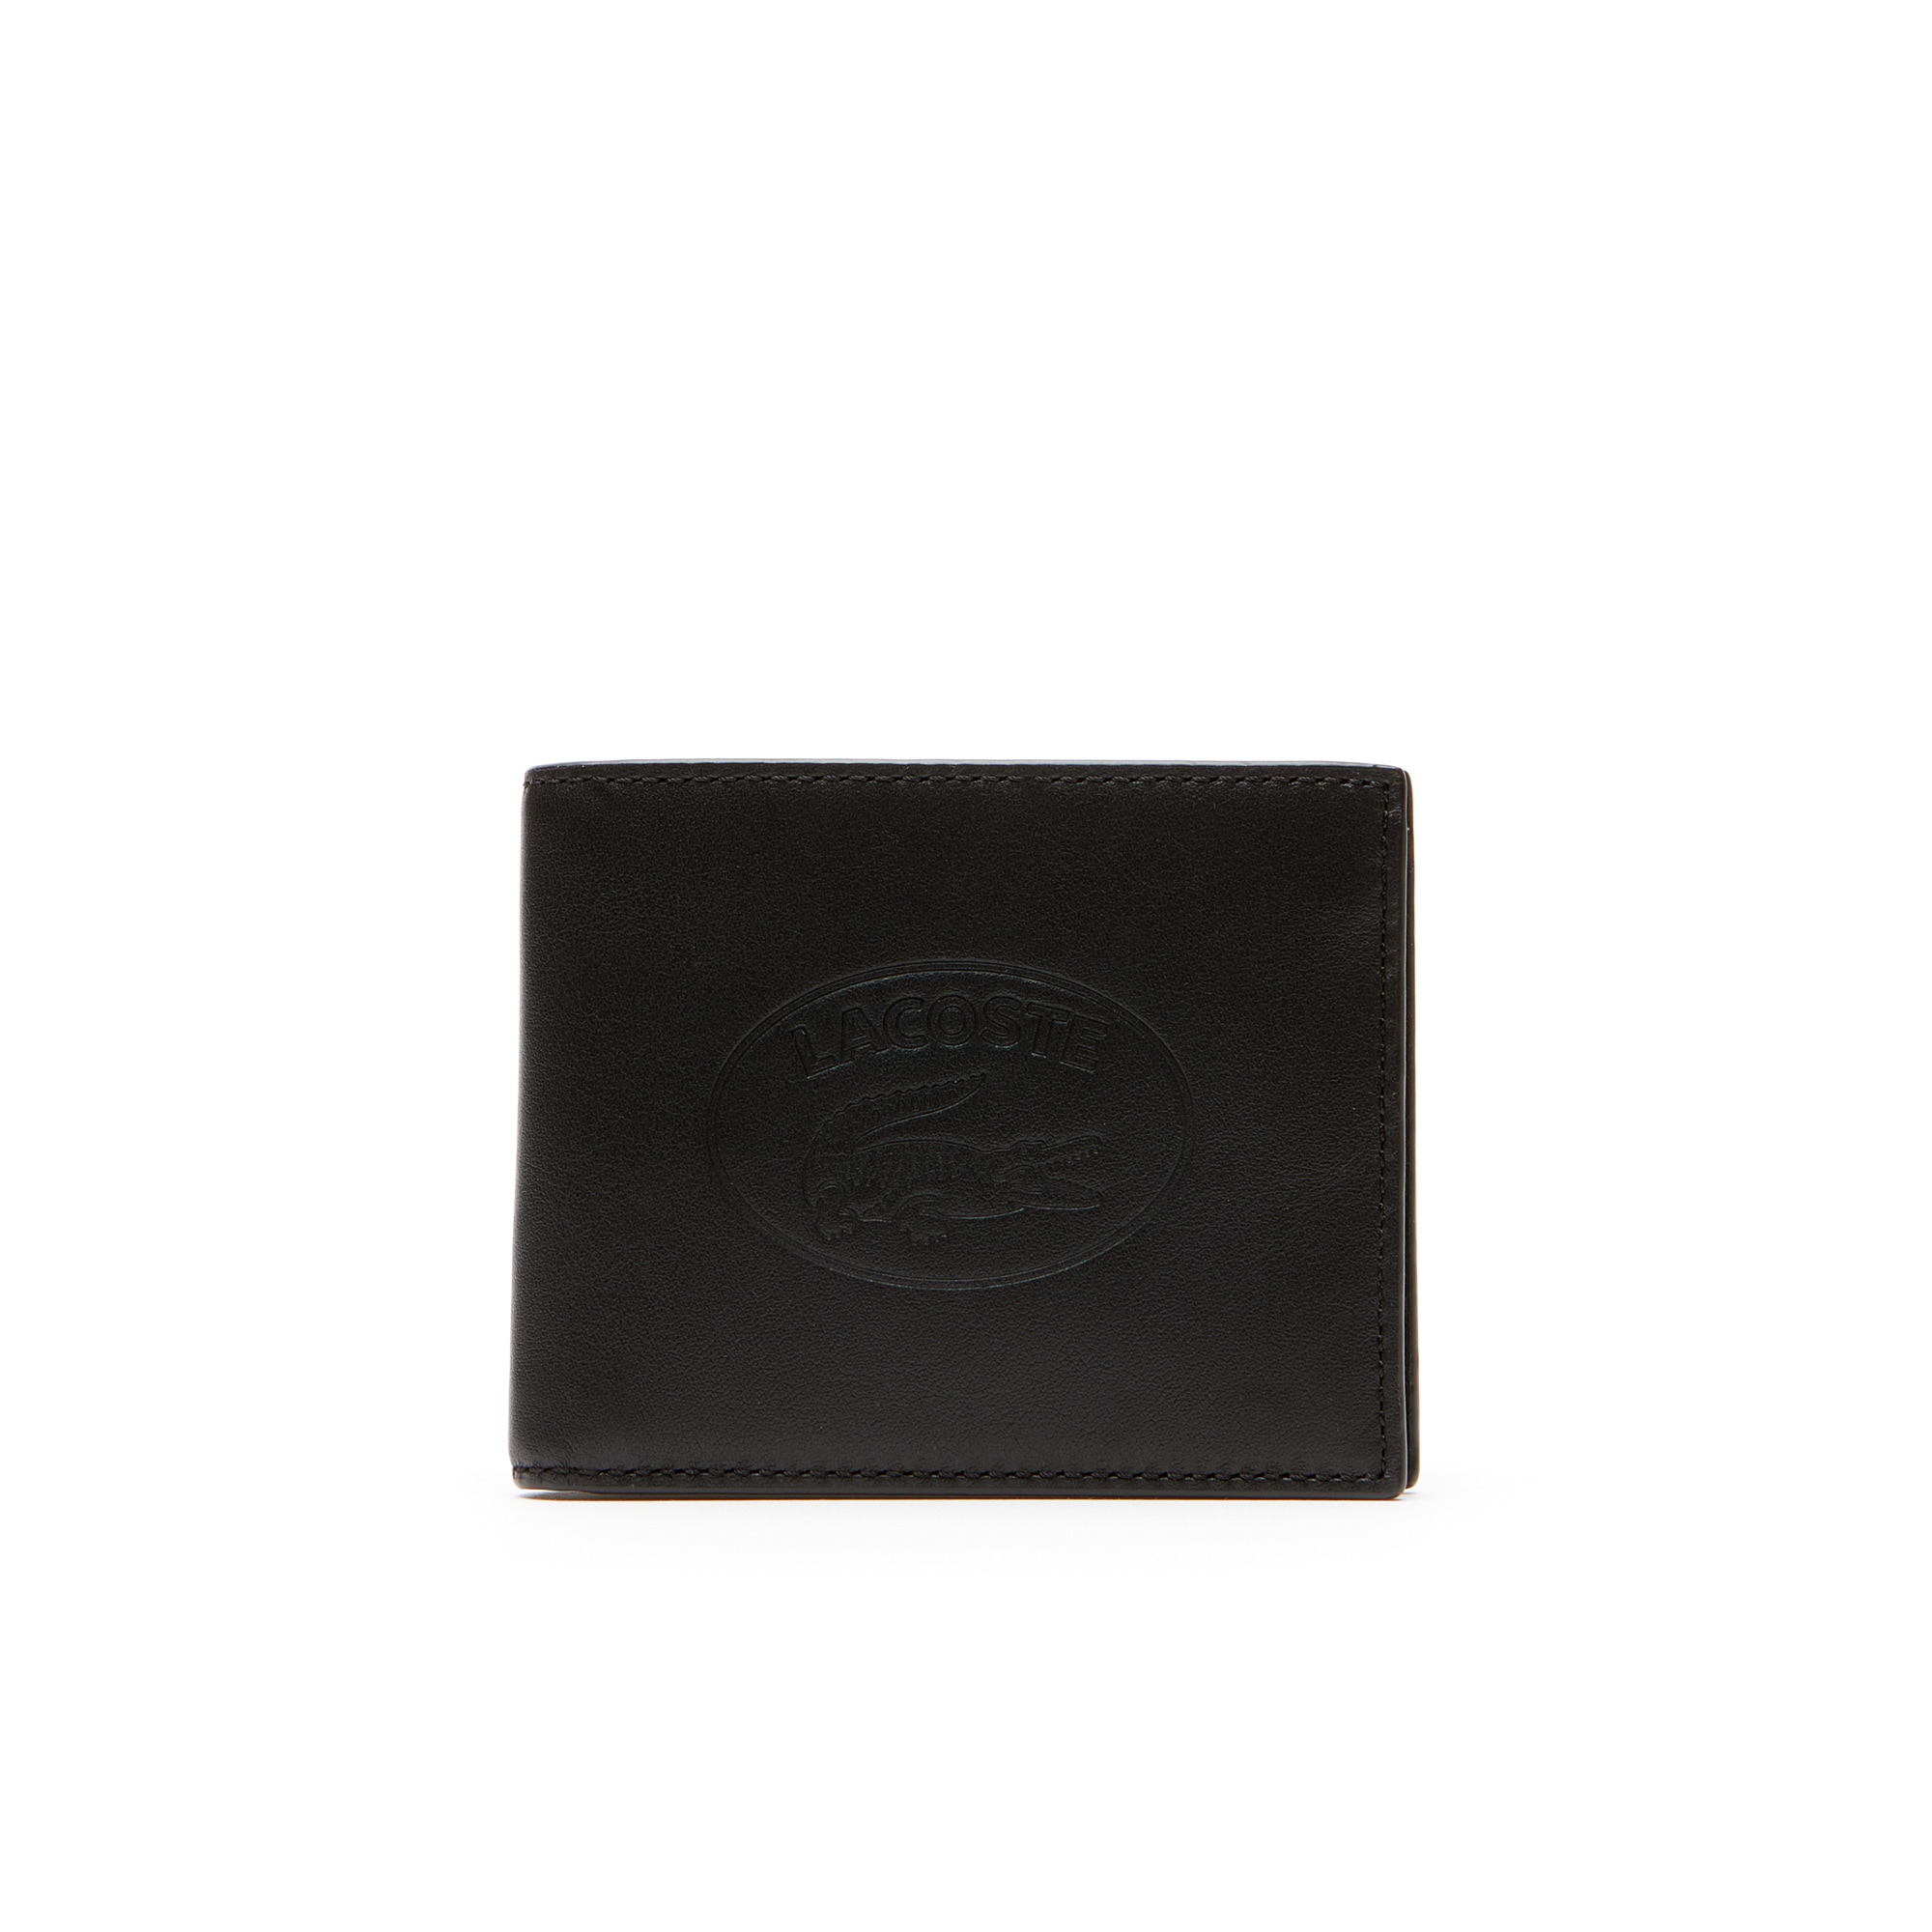 6a2c28eb71e Wallets | Men's Leather Goods | LACOSTE